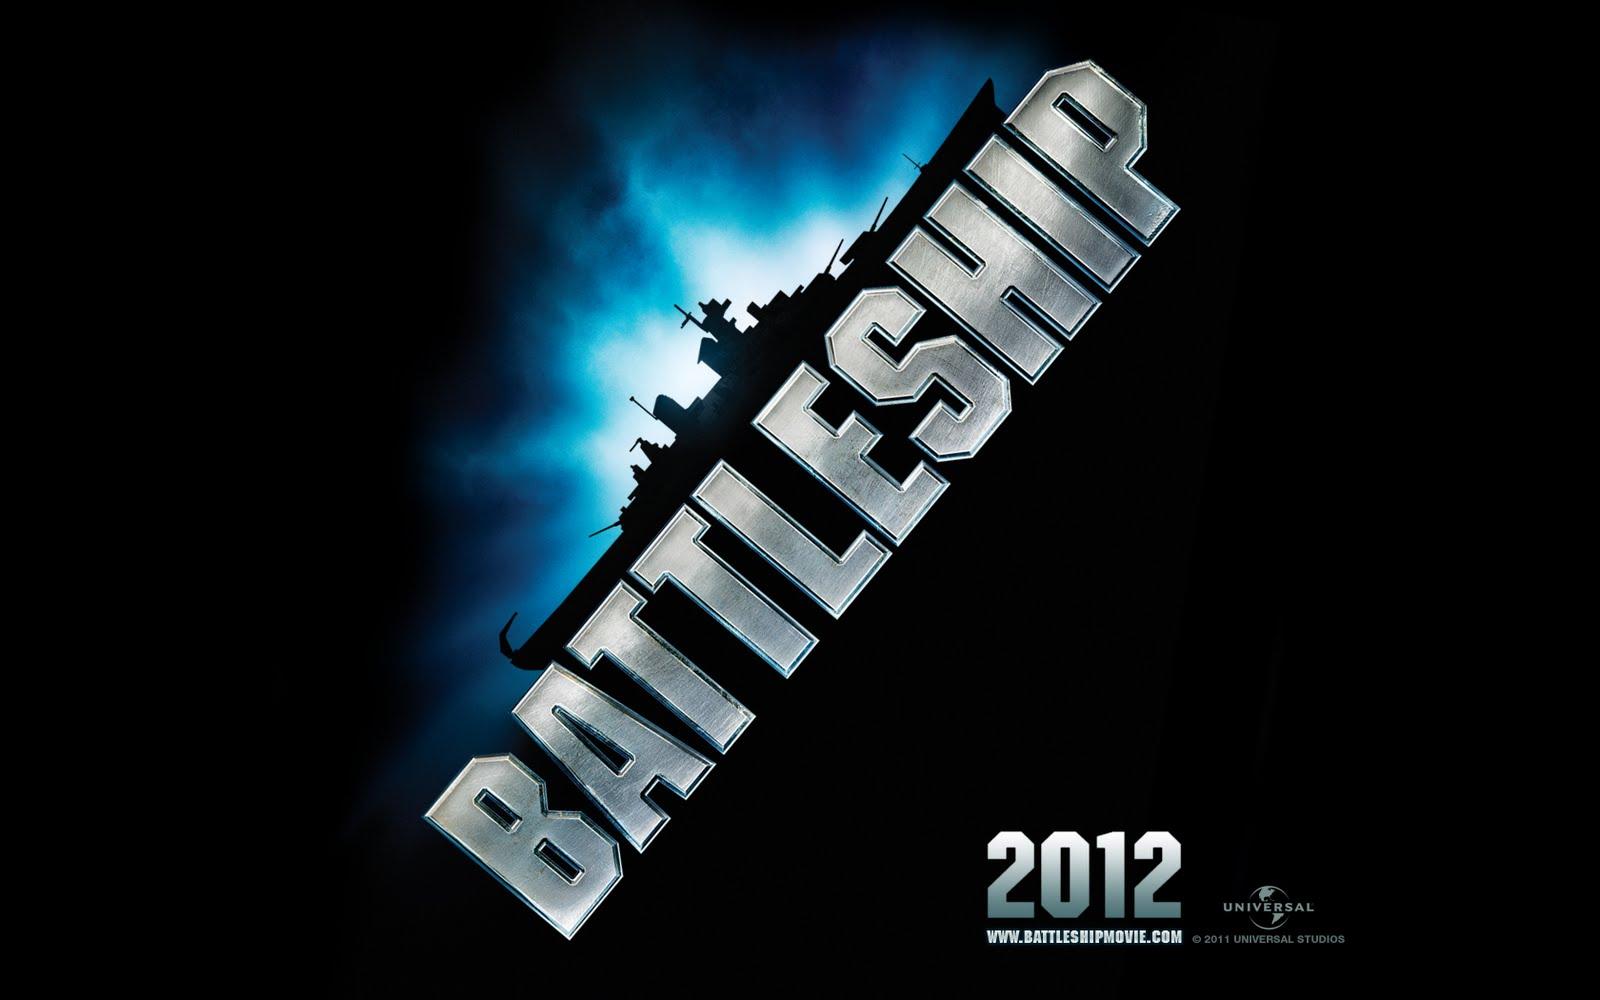 http://1.bp.blogspot.com/-J4d6PiHZLtQ/TjBCvZFdb0I/AAAAAAAAAGI/EZfkwJn6KjQ/s1600/universal_battleship_desktop_1_1680.jpg